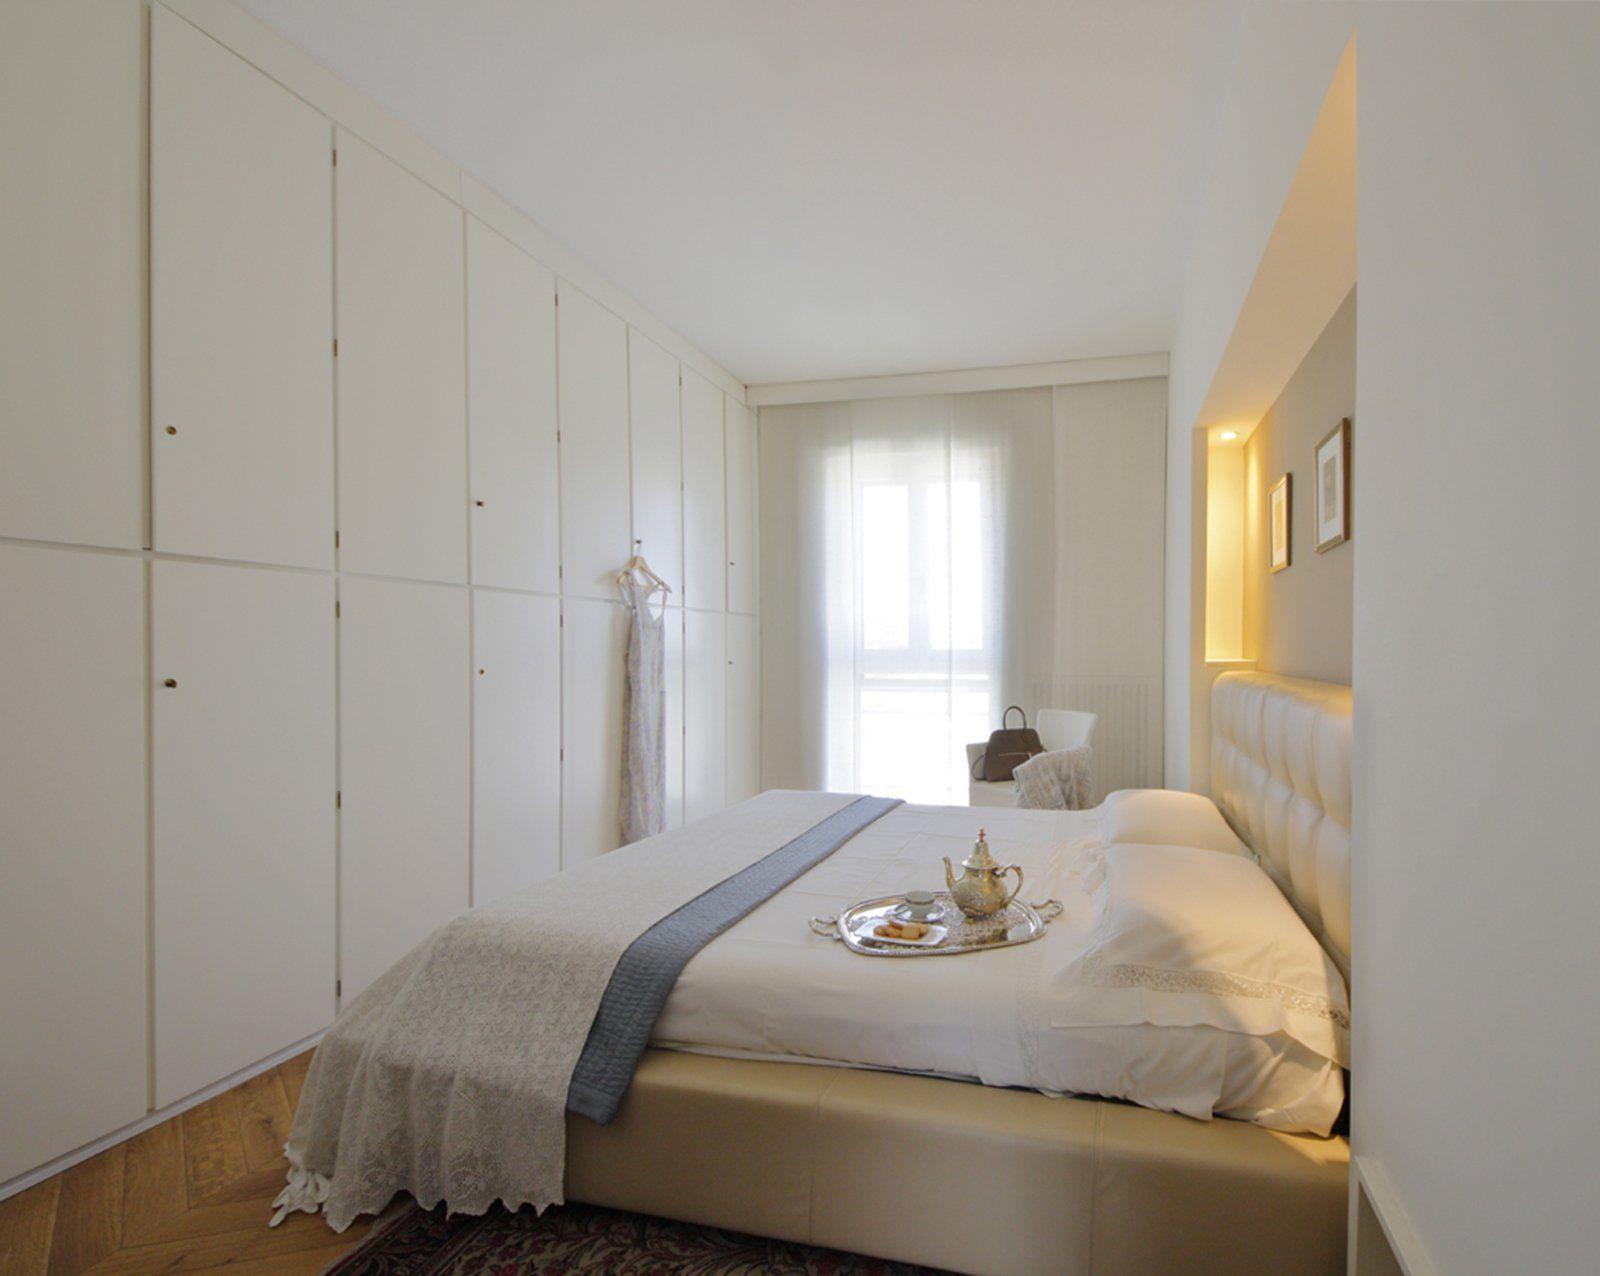 Camerette Volpi ~ Oltre 25 fantastiche idee su camera da letto vittoria su pinterest